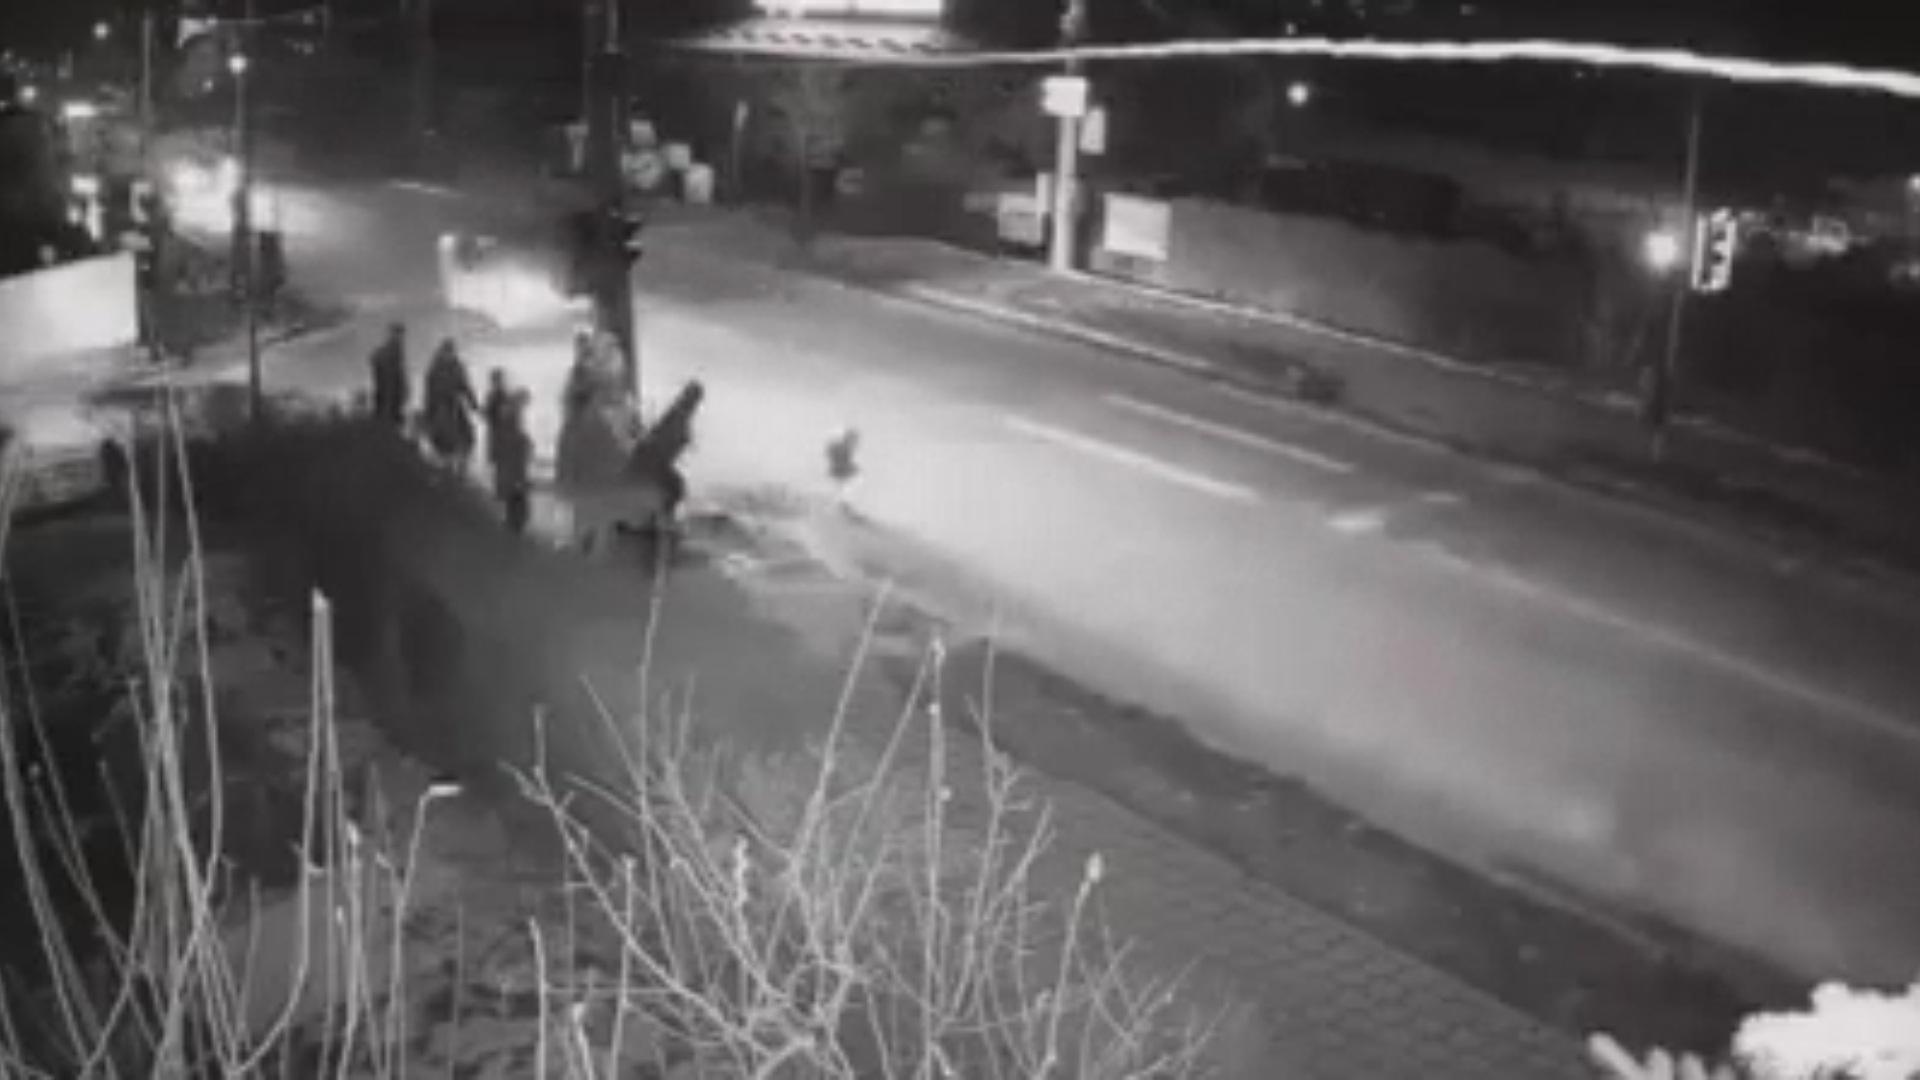 Video: Copil spulberat de o mașină în Suceava! Atenție, imagini cu puternic impact emoțional!